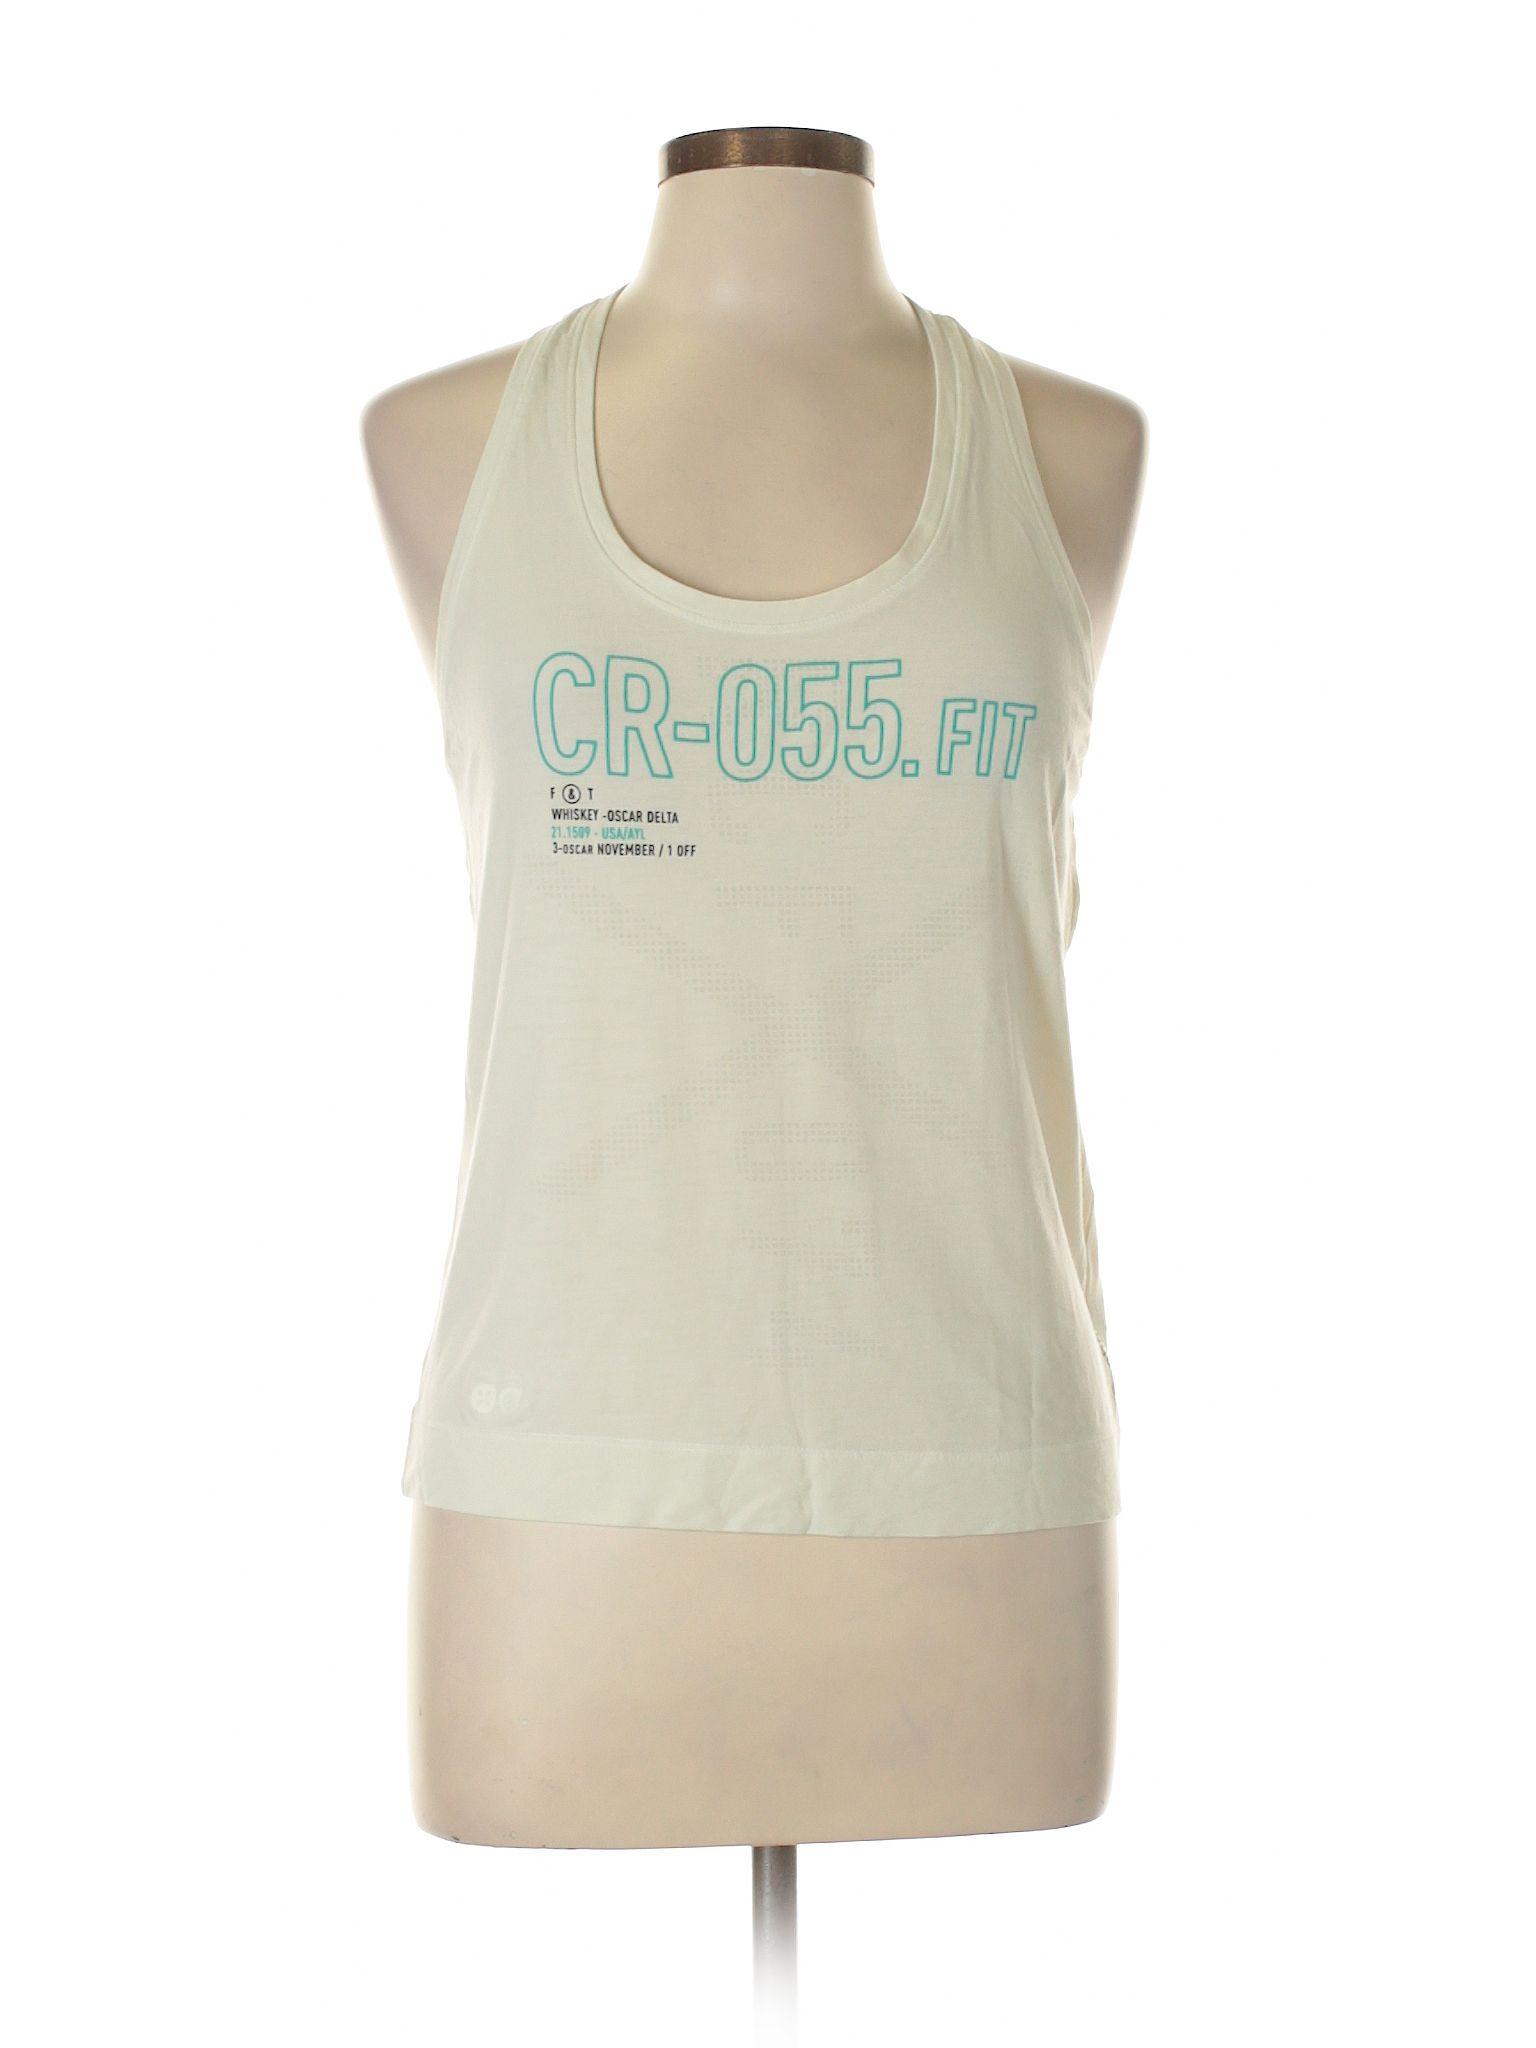 podgląd zawsze popularny sklep z wyprzedażami Active Tank | Products | Reebok, Athletic tank tops, Active wear